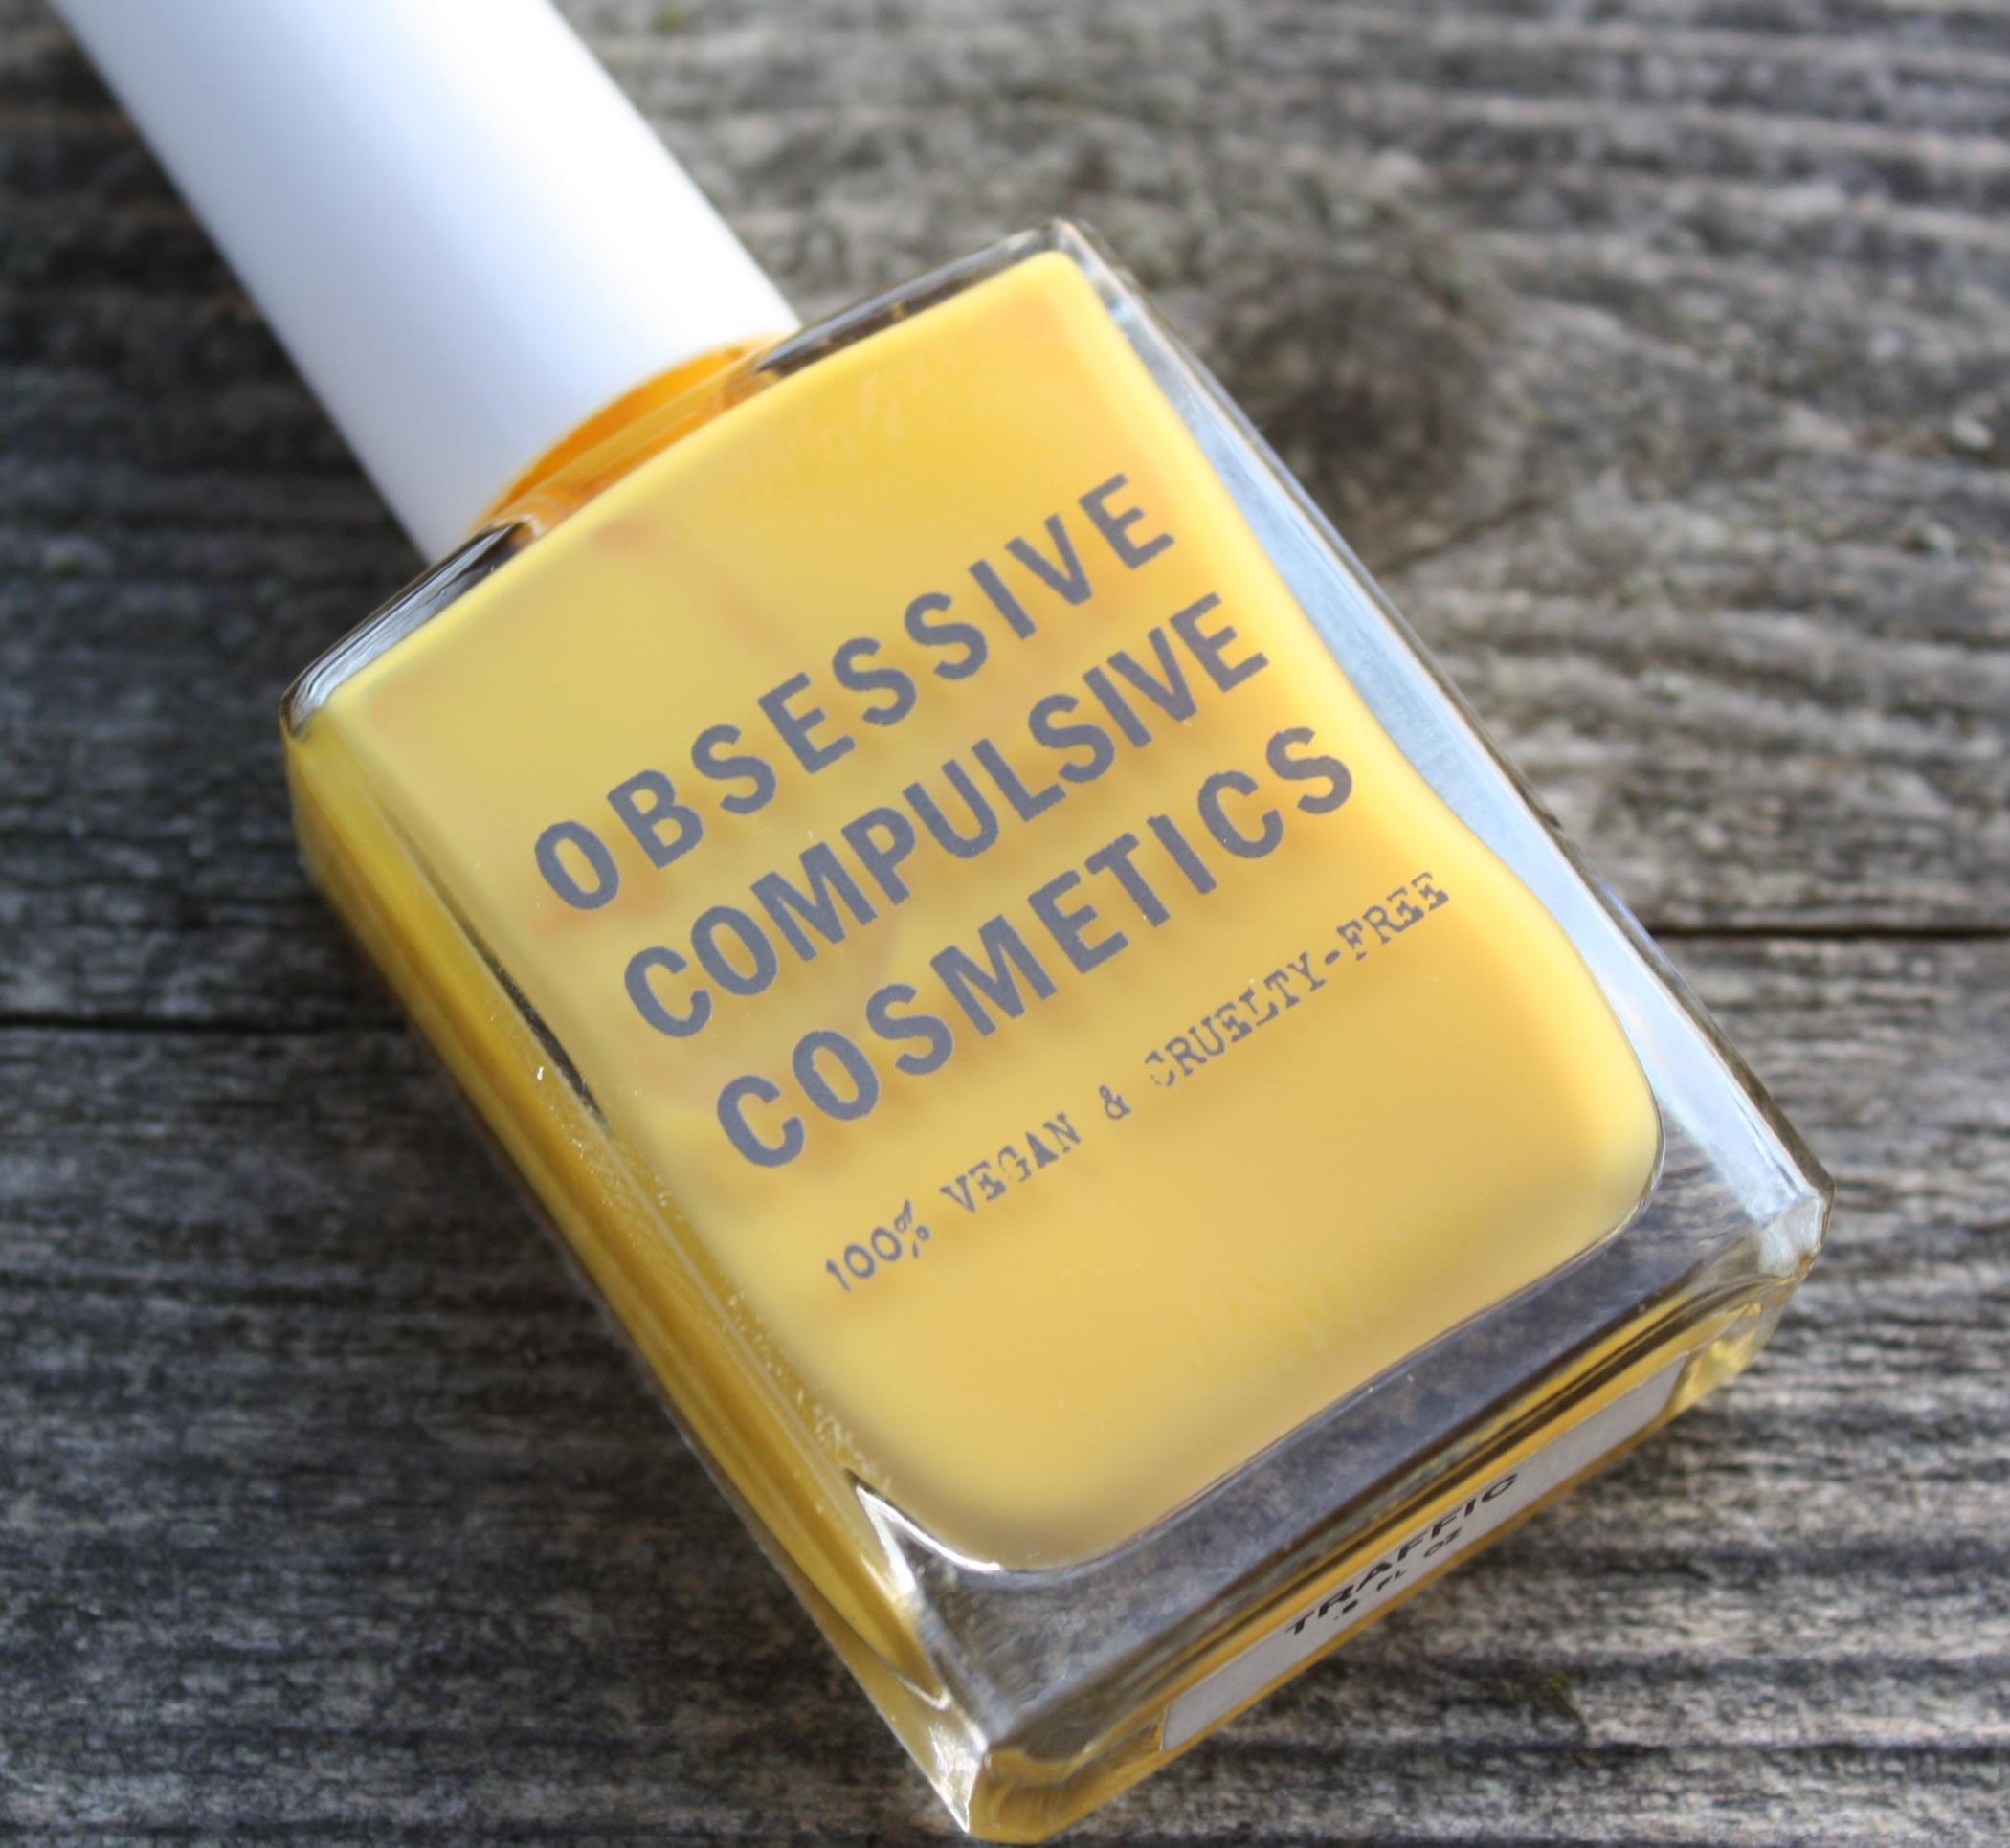 Obsessive Compulsive Cosmetics Horrendous Color